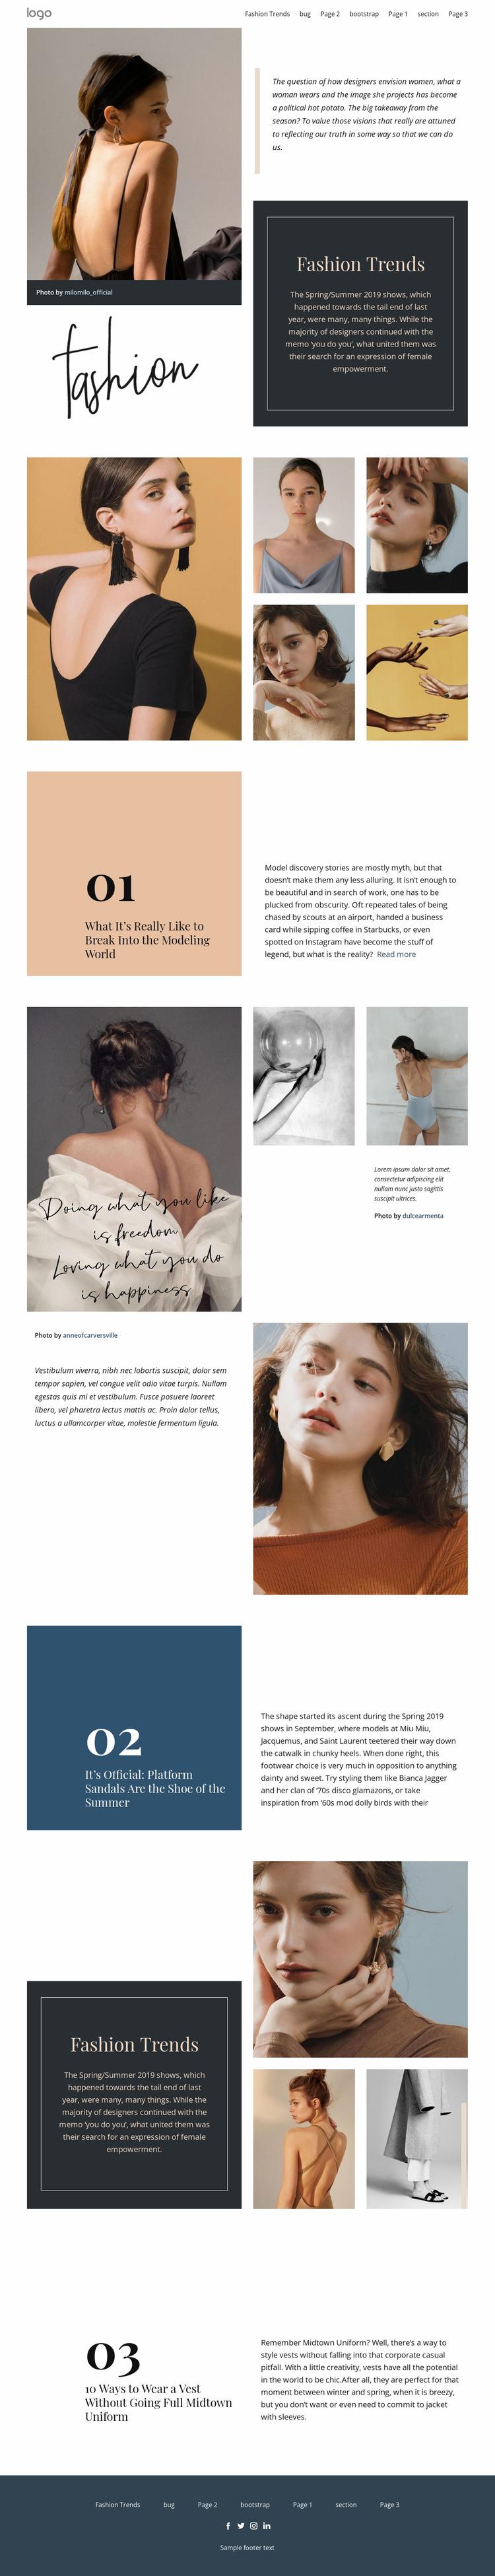 Designer vision of fashion Website Template